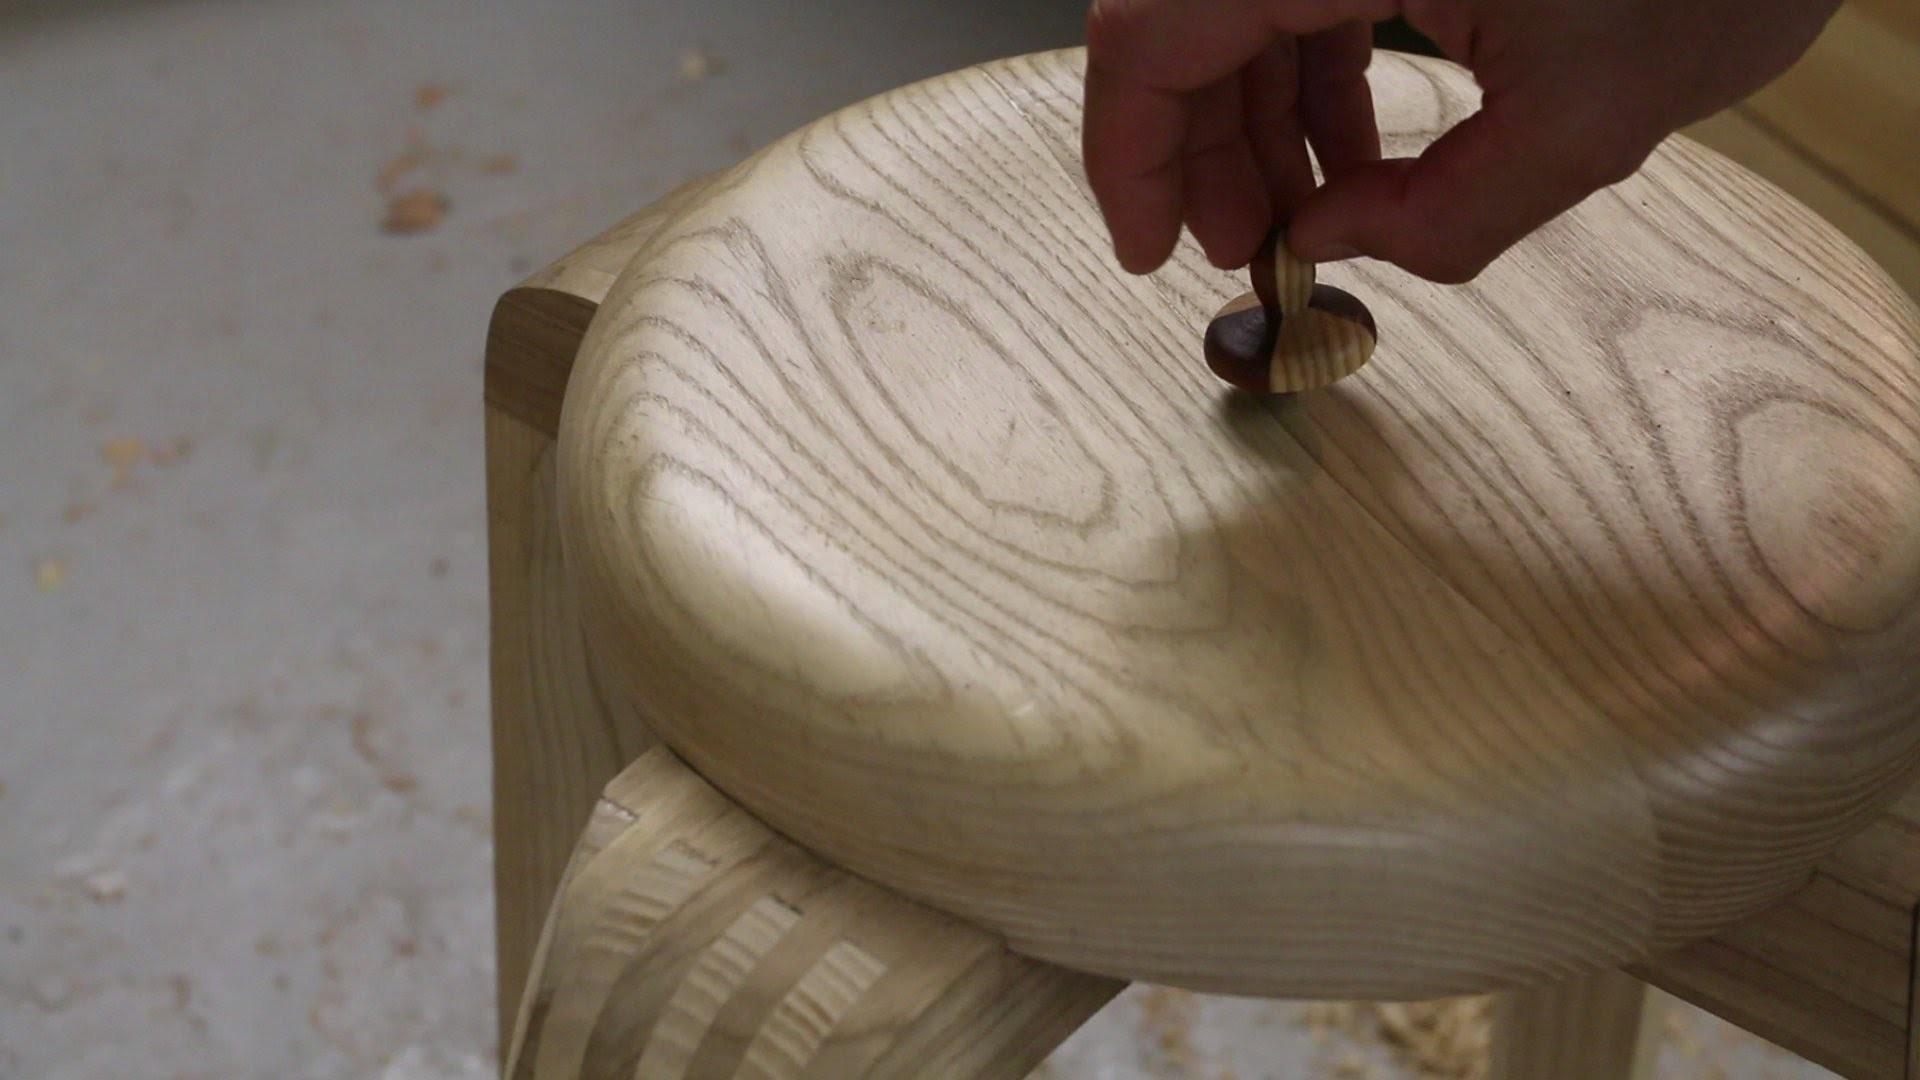 Finition du bois - Imprégnation sous vide avec de l'huile de lin